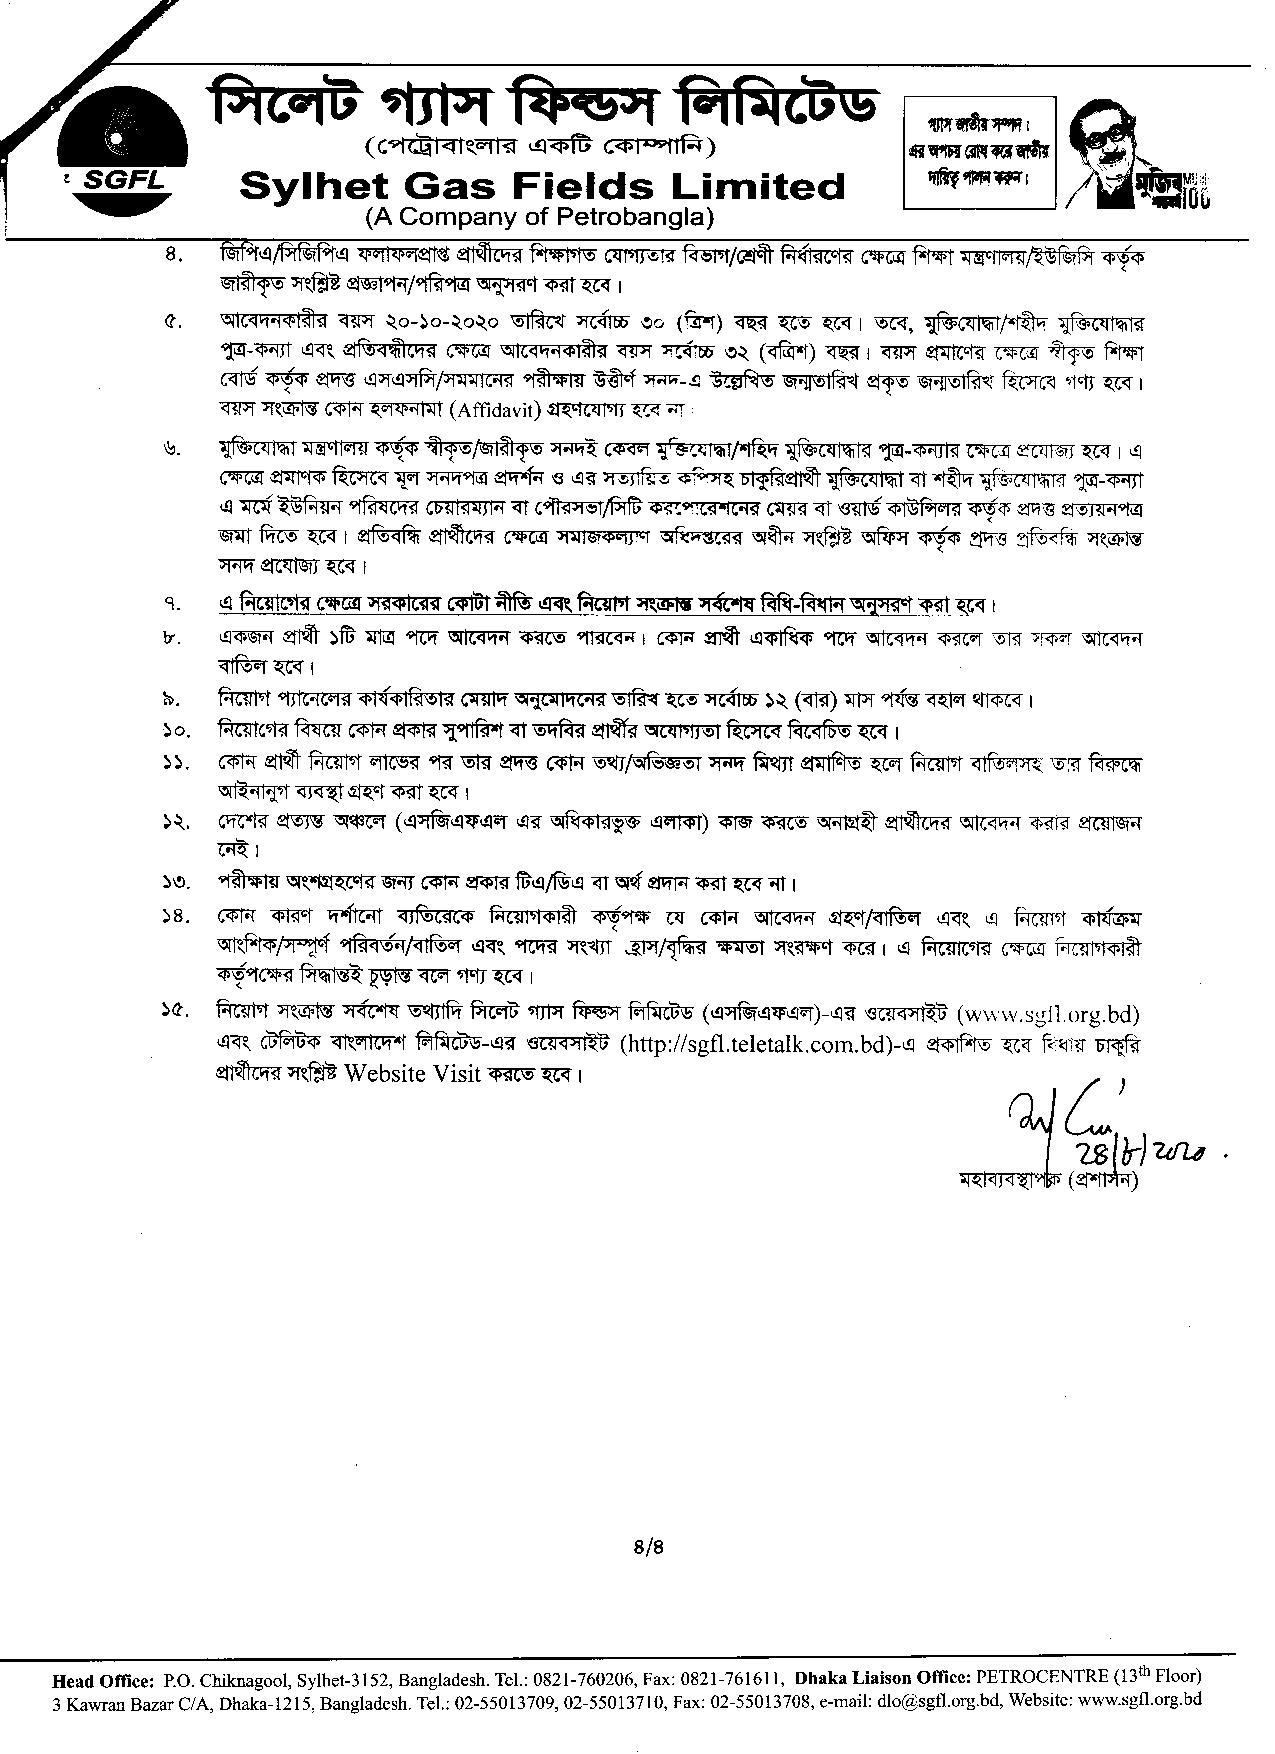 Sylhet-Gas-Fields-Ltd-Job-Circular-4